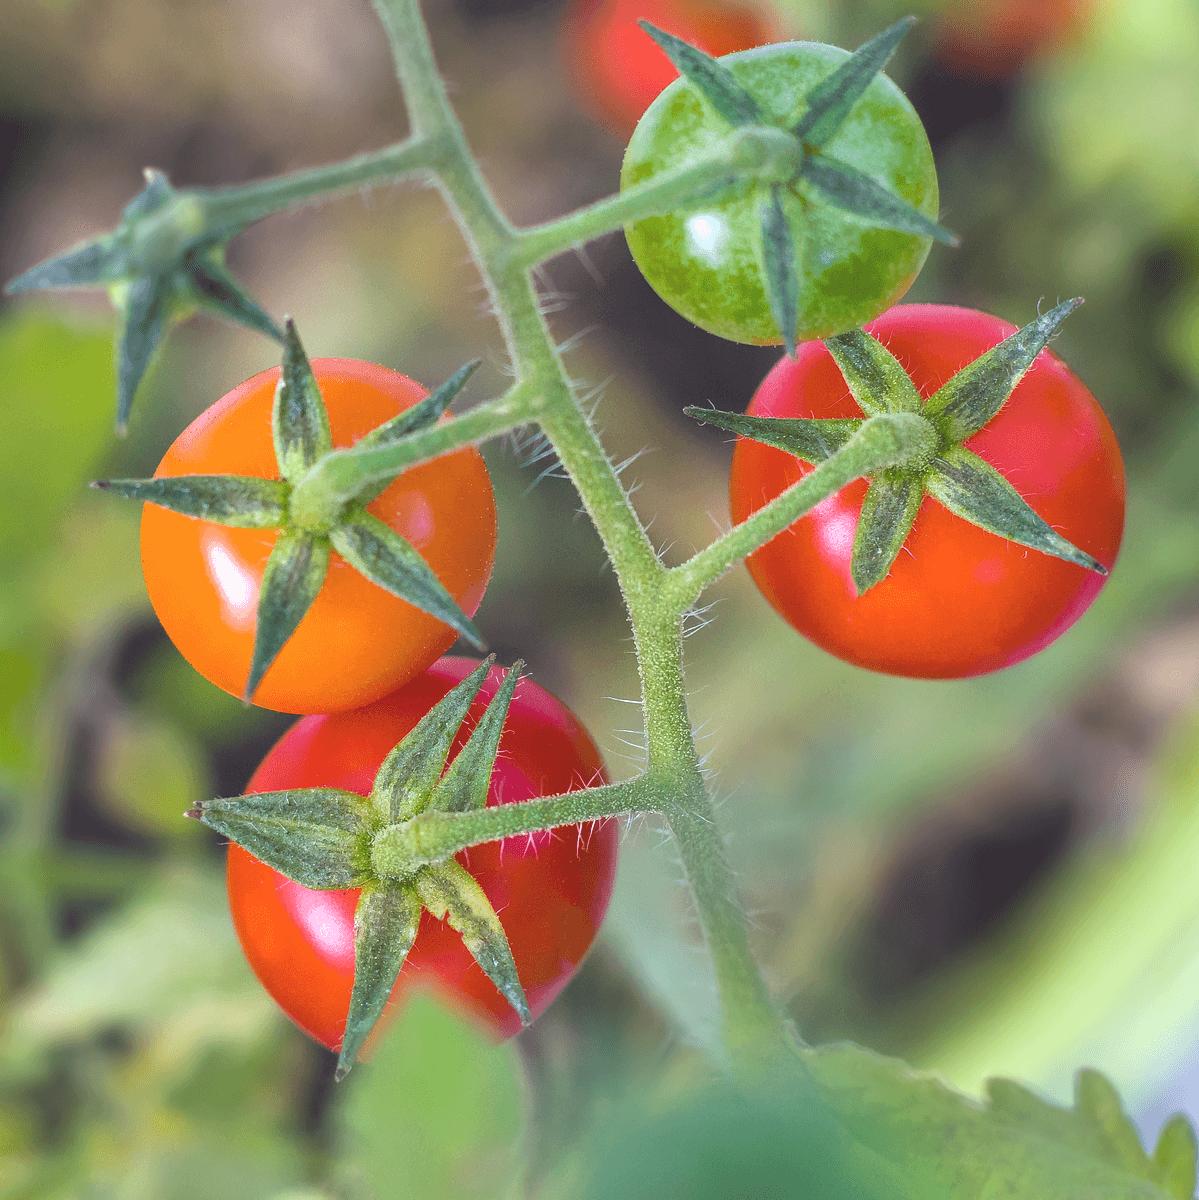 トマトをオオタバコガの被害から守るには?見分け方と駆除方法を解説